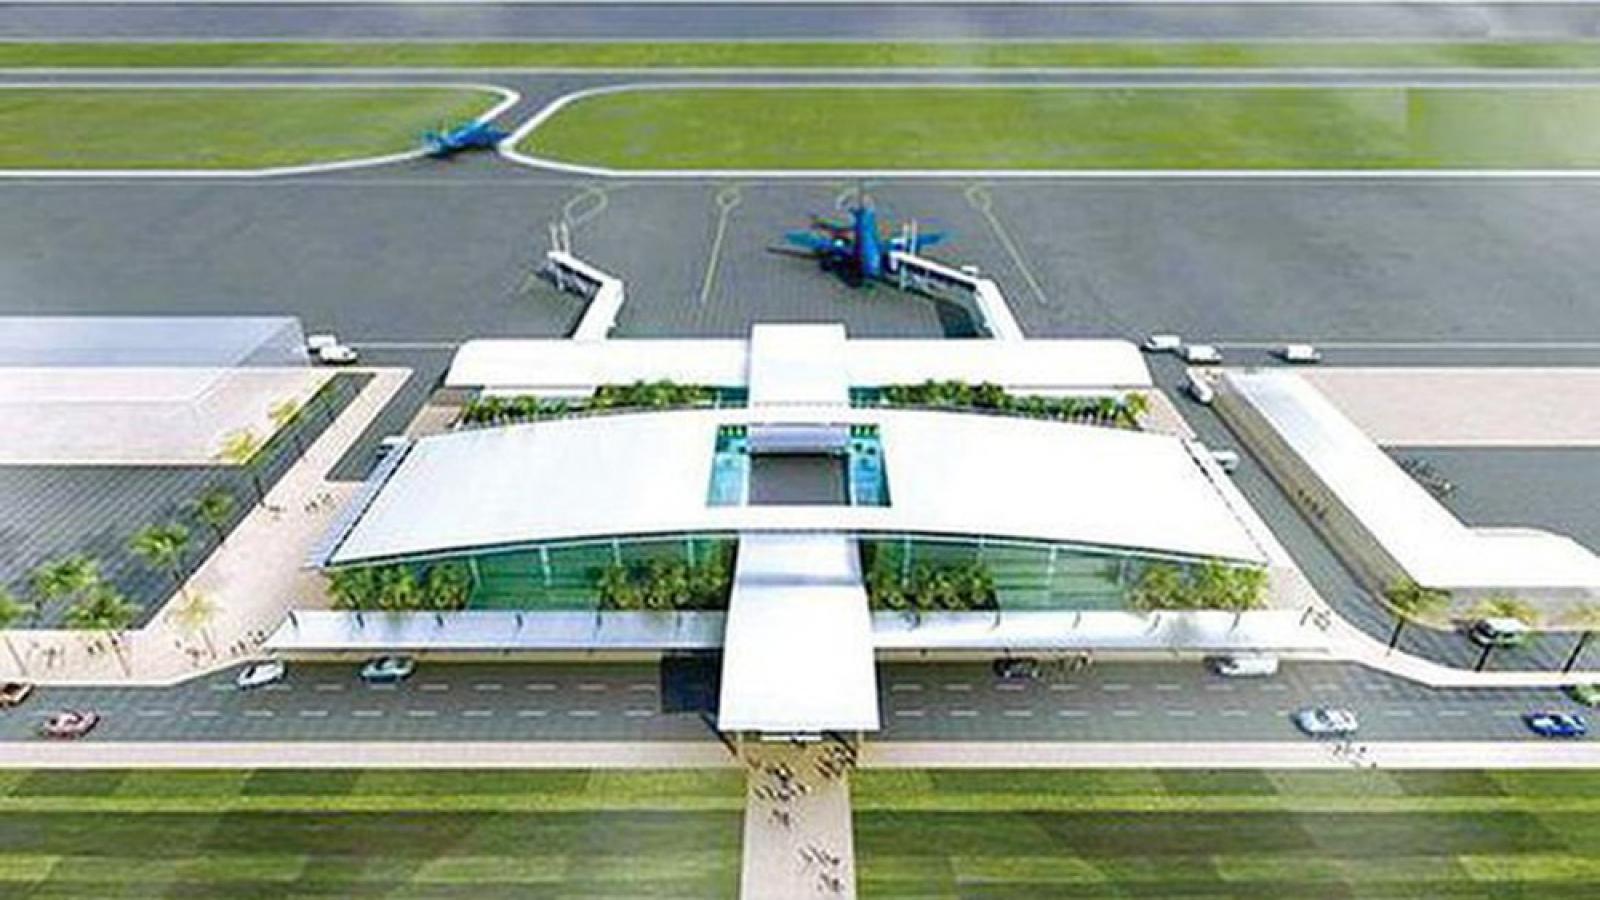 Thủ tướng yêu cầu nghiên cứu xây dựng cảng hàng không Quảng Trị